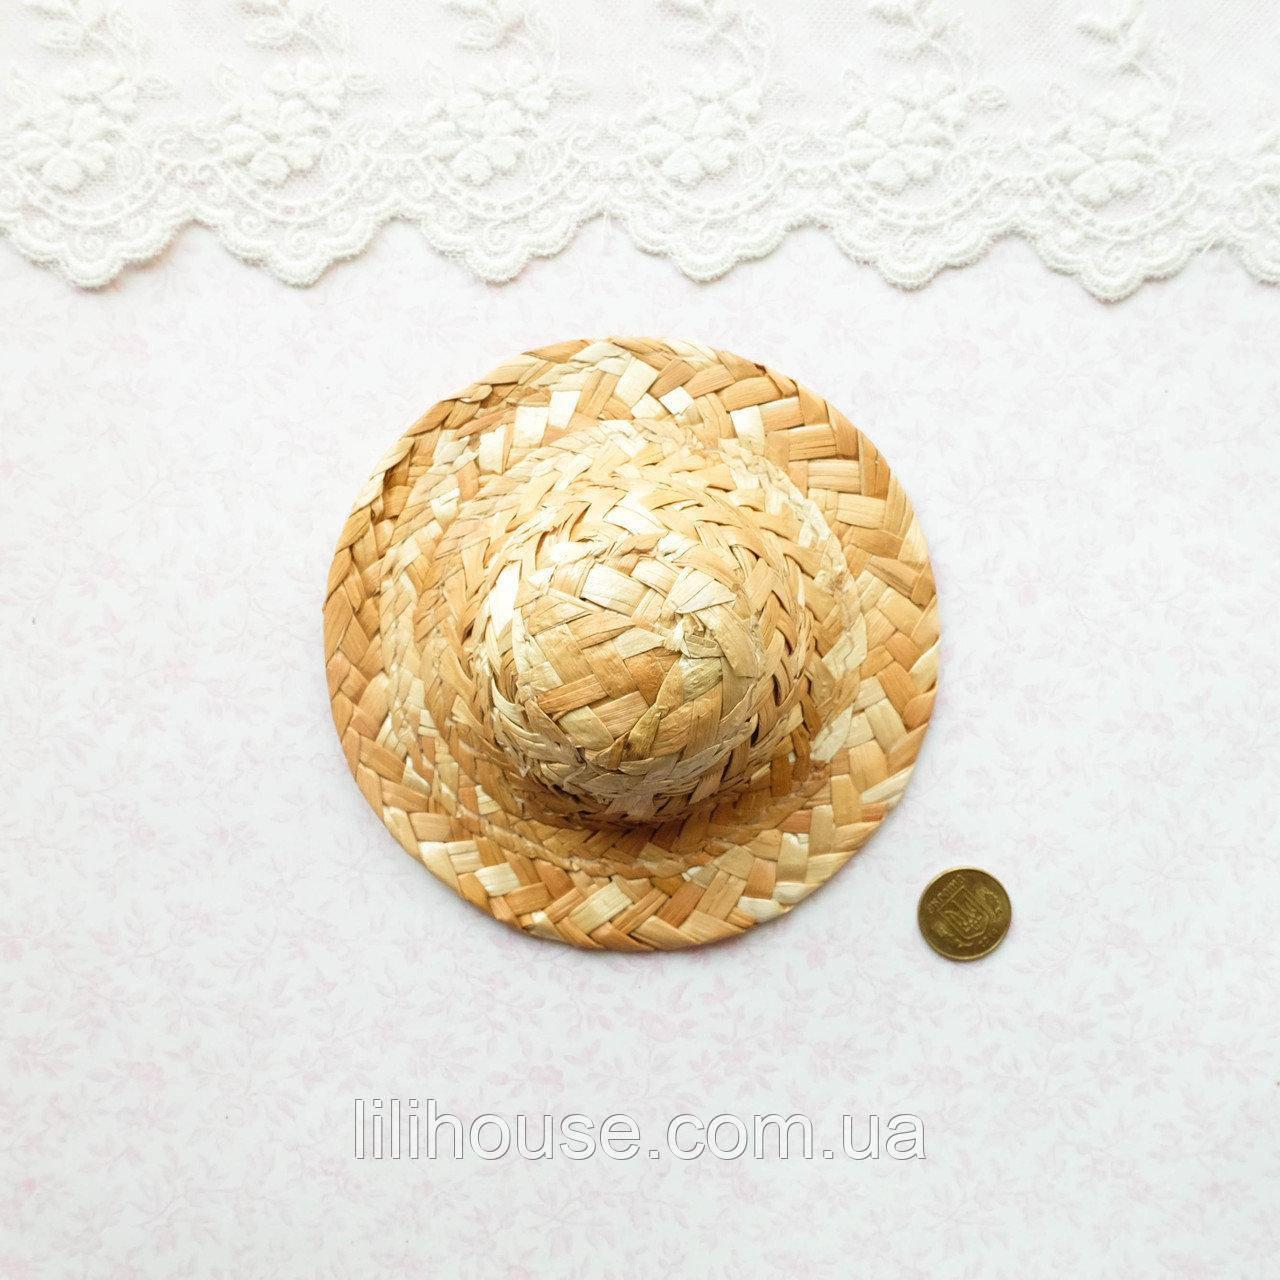 Соломенная Шляпа для Кукол и Игрушек 11.5 см